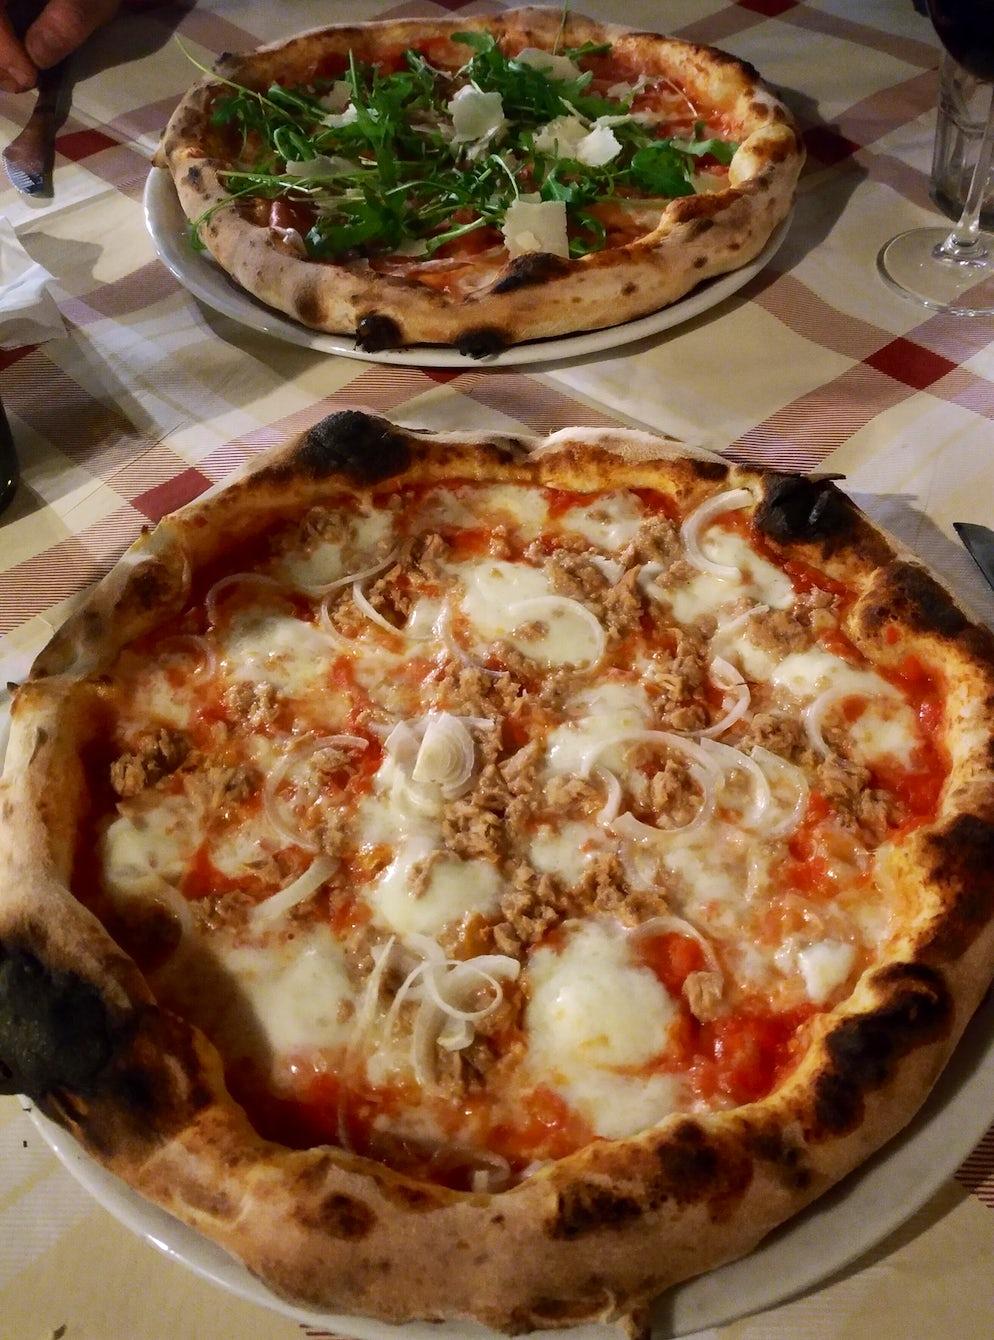 Pizza Tonno et Pizza Crudo e Rucola à la Pizzeria Pulcinella